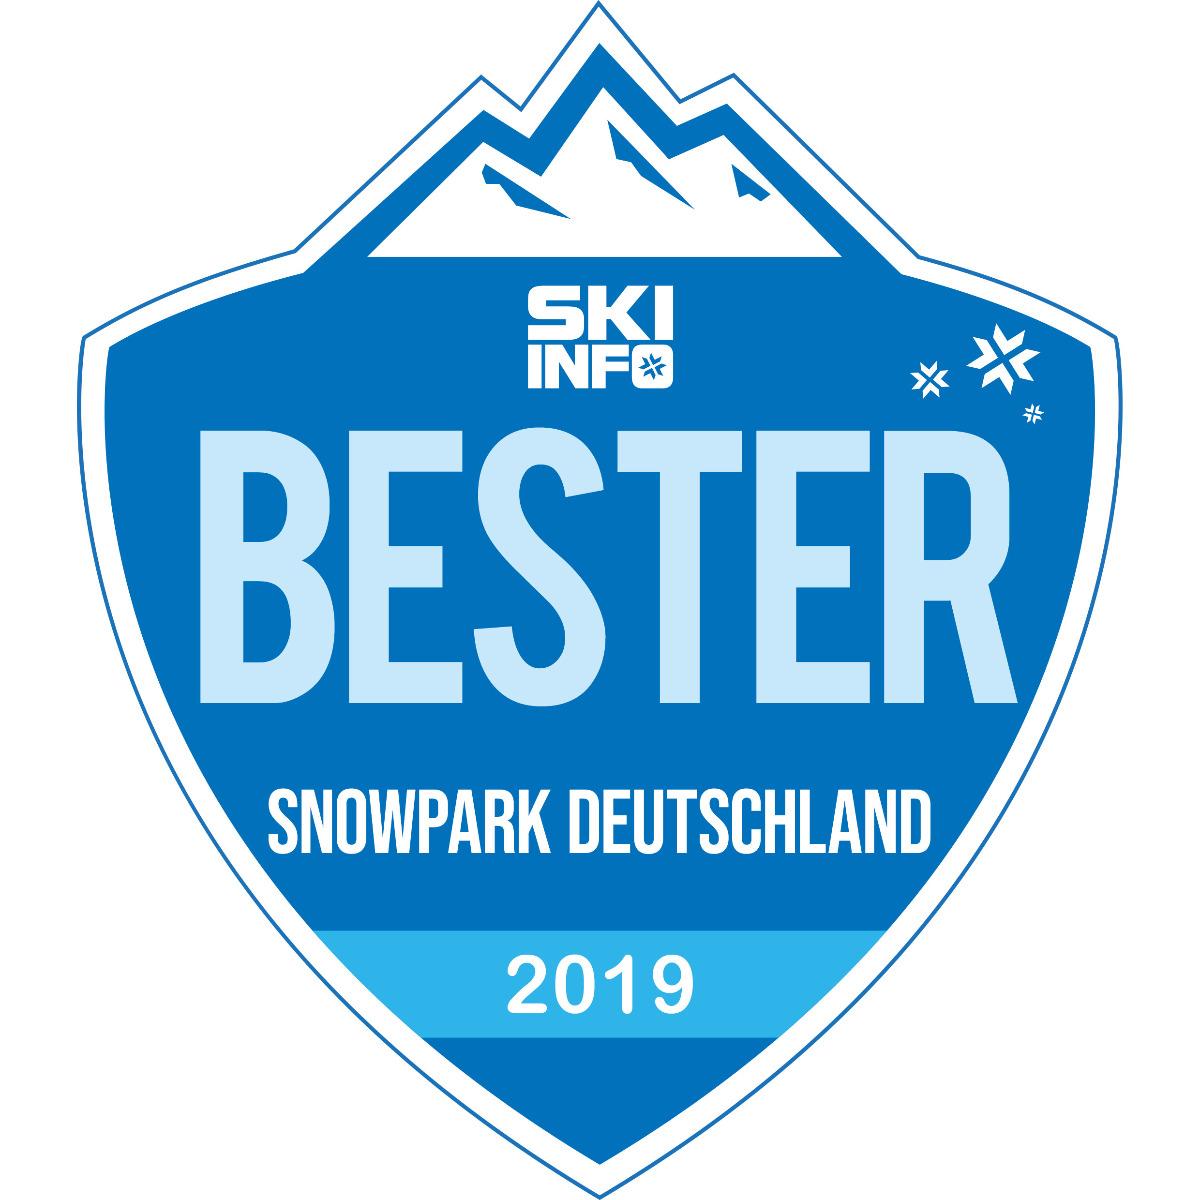 Bester Snowpark Deutschland 2018/2019